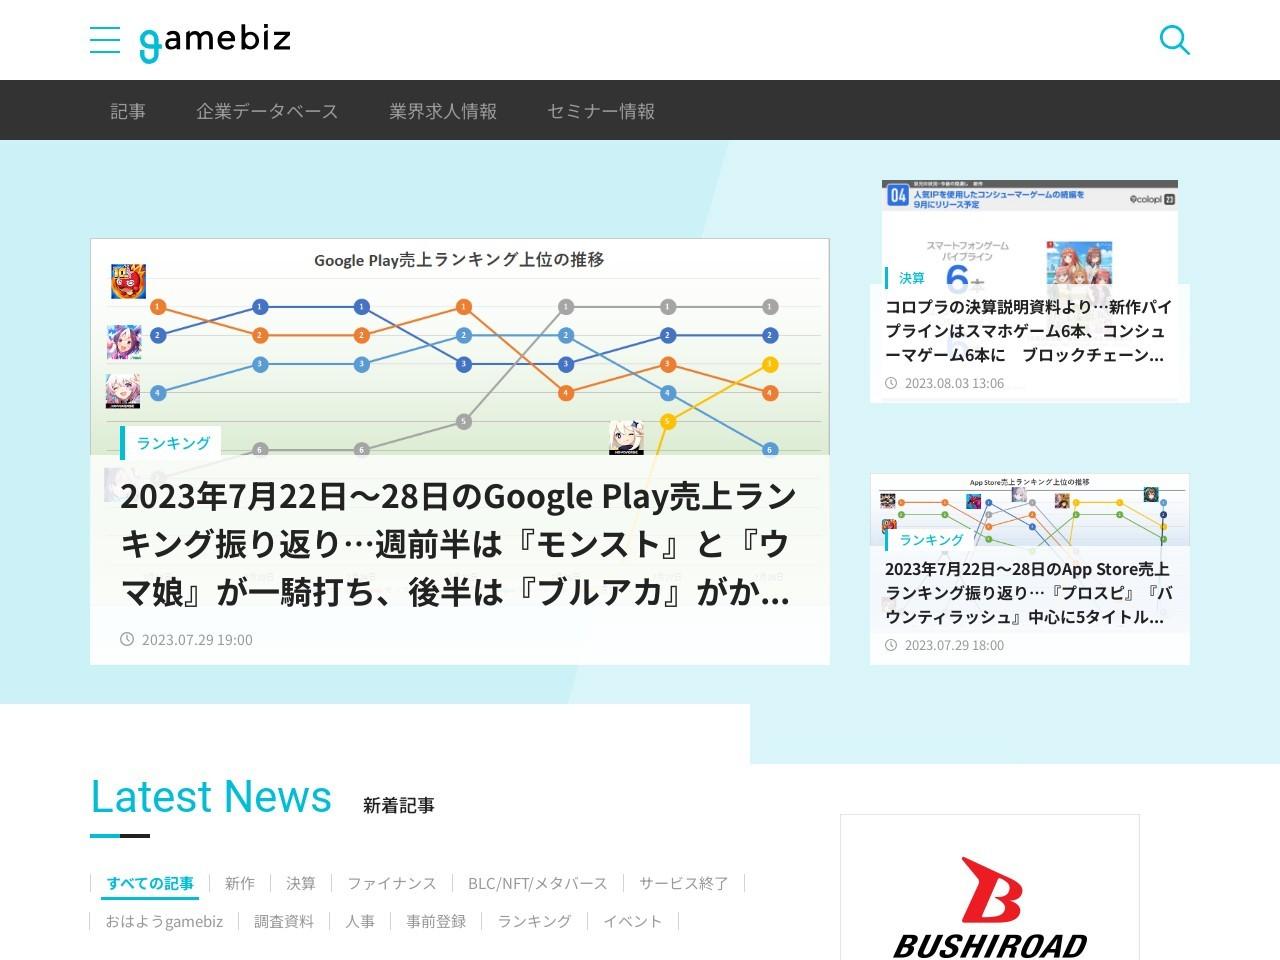 【Google Playランキング(8/21)】miHoYoの『崩壊3rd』がトップ10入り 「神都ピカレスク 黒猫の魔術師 …